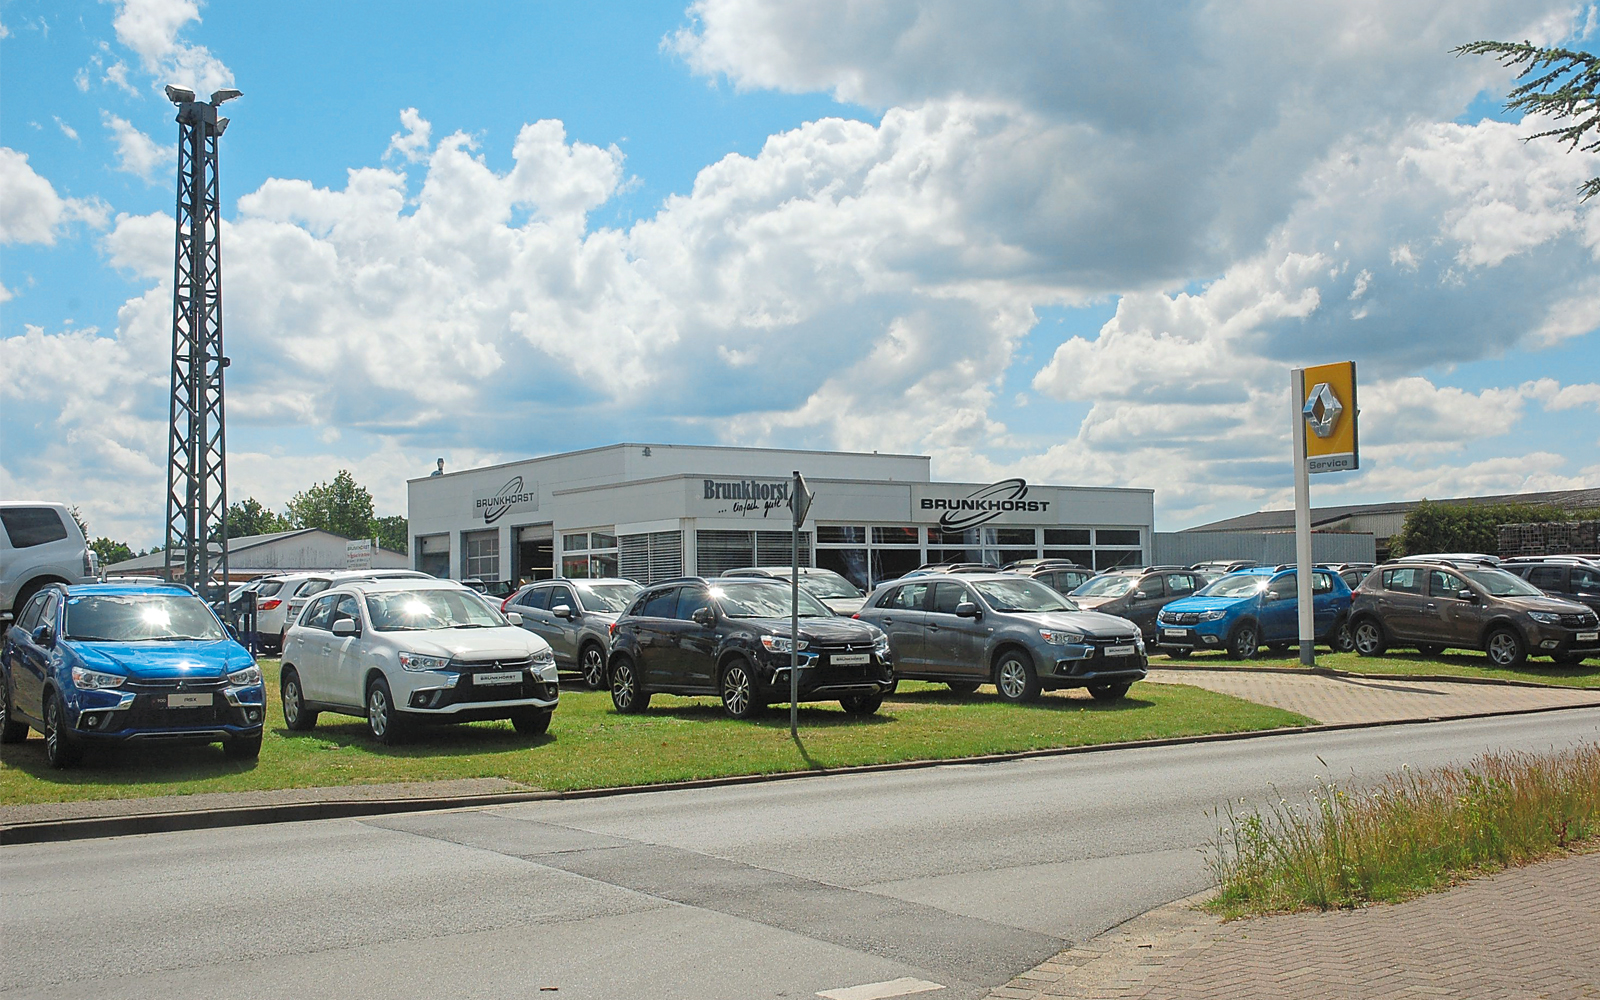 Das Autohaus Brunkhorst bietet ständig eine große Auswahl an Neu- und Gebrauchtfahrzeugen.